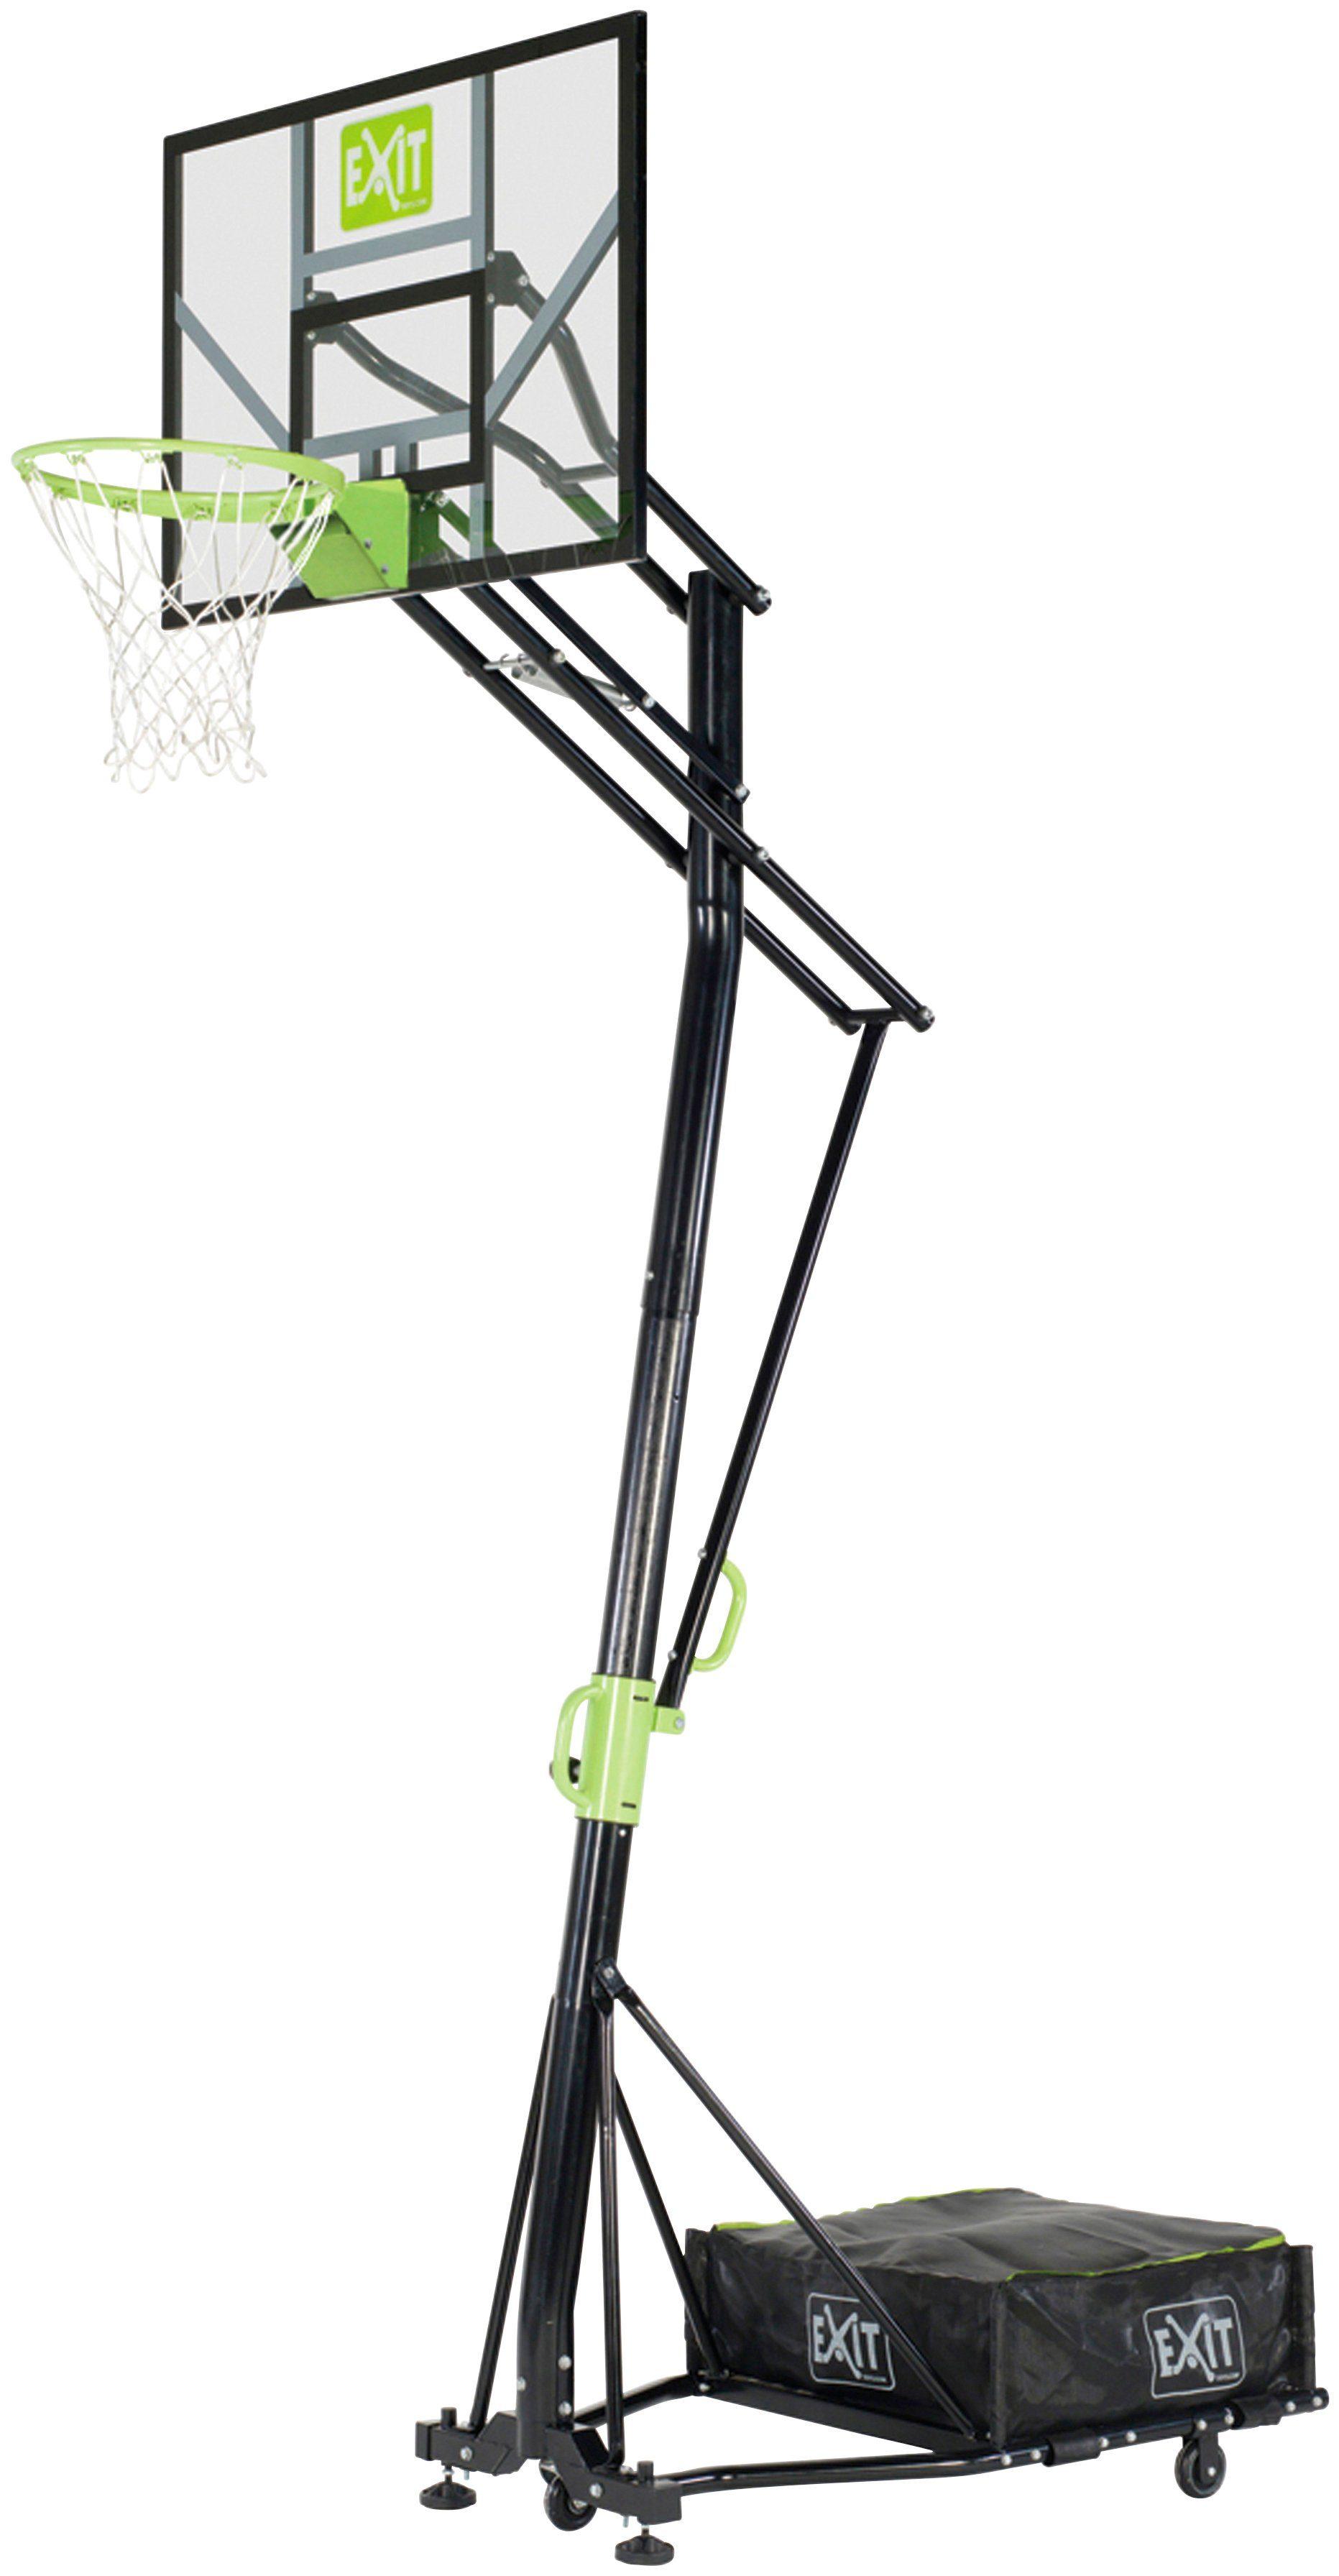 EXIT Basketballanlage »GALAXY Portable Dunk«, in 5 Höhen einstellbar